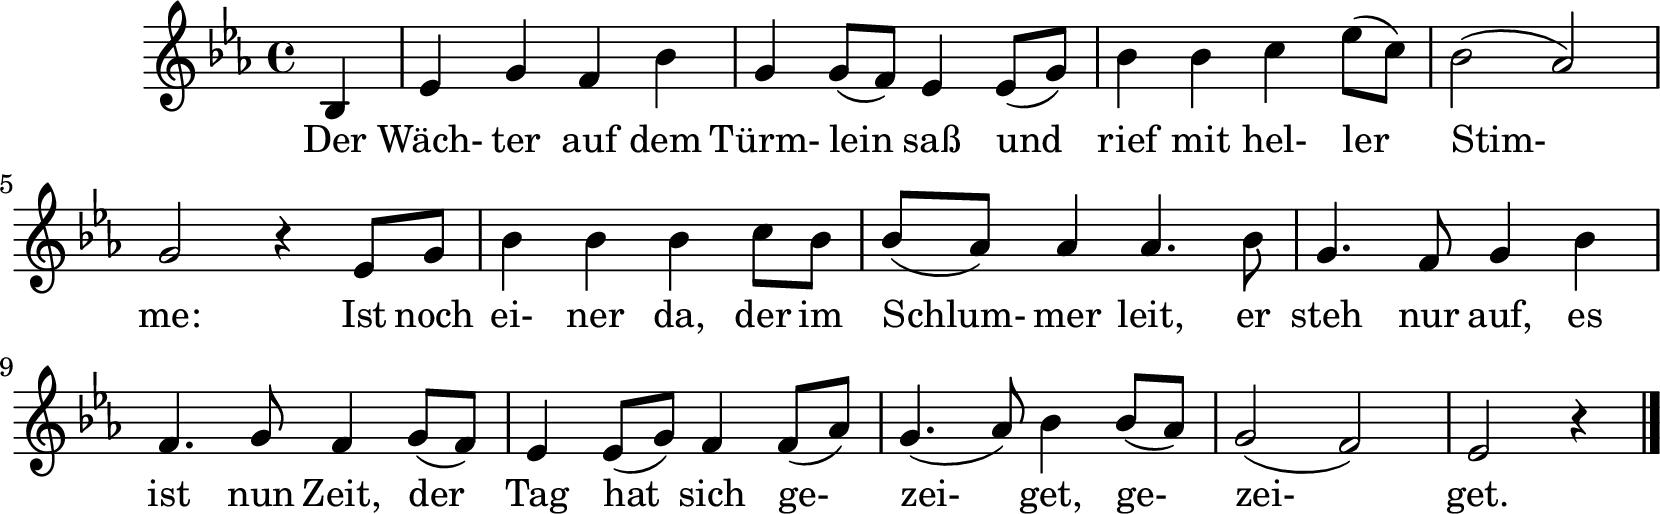 Notenblatt Music Sheet Der Wächter auf dem Türmlein